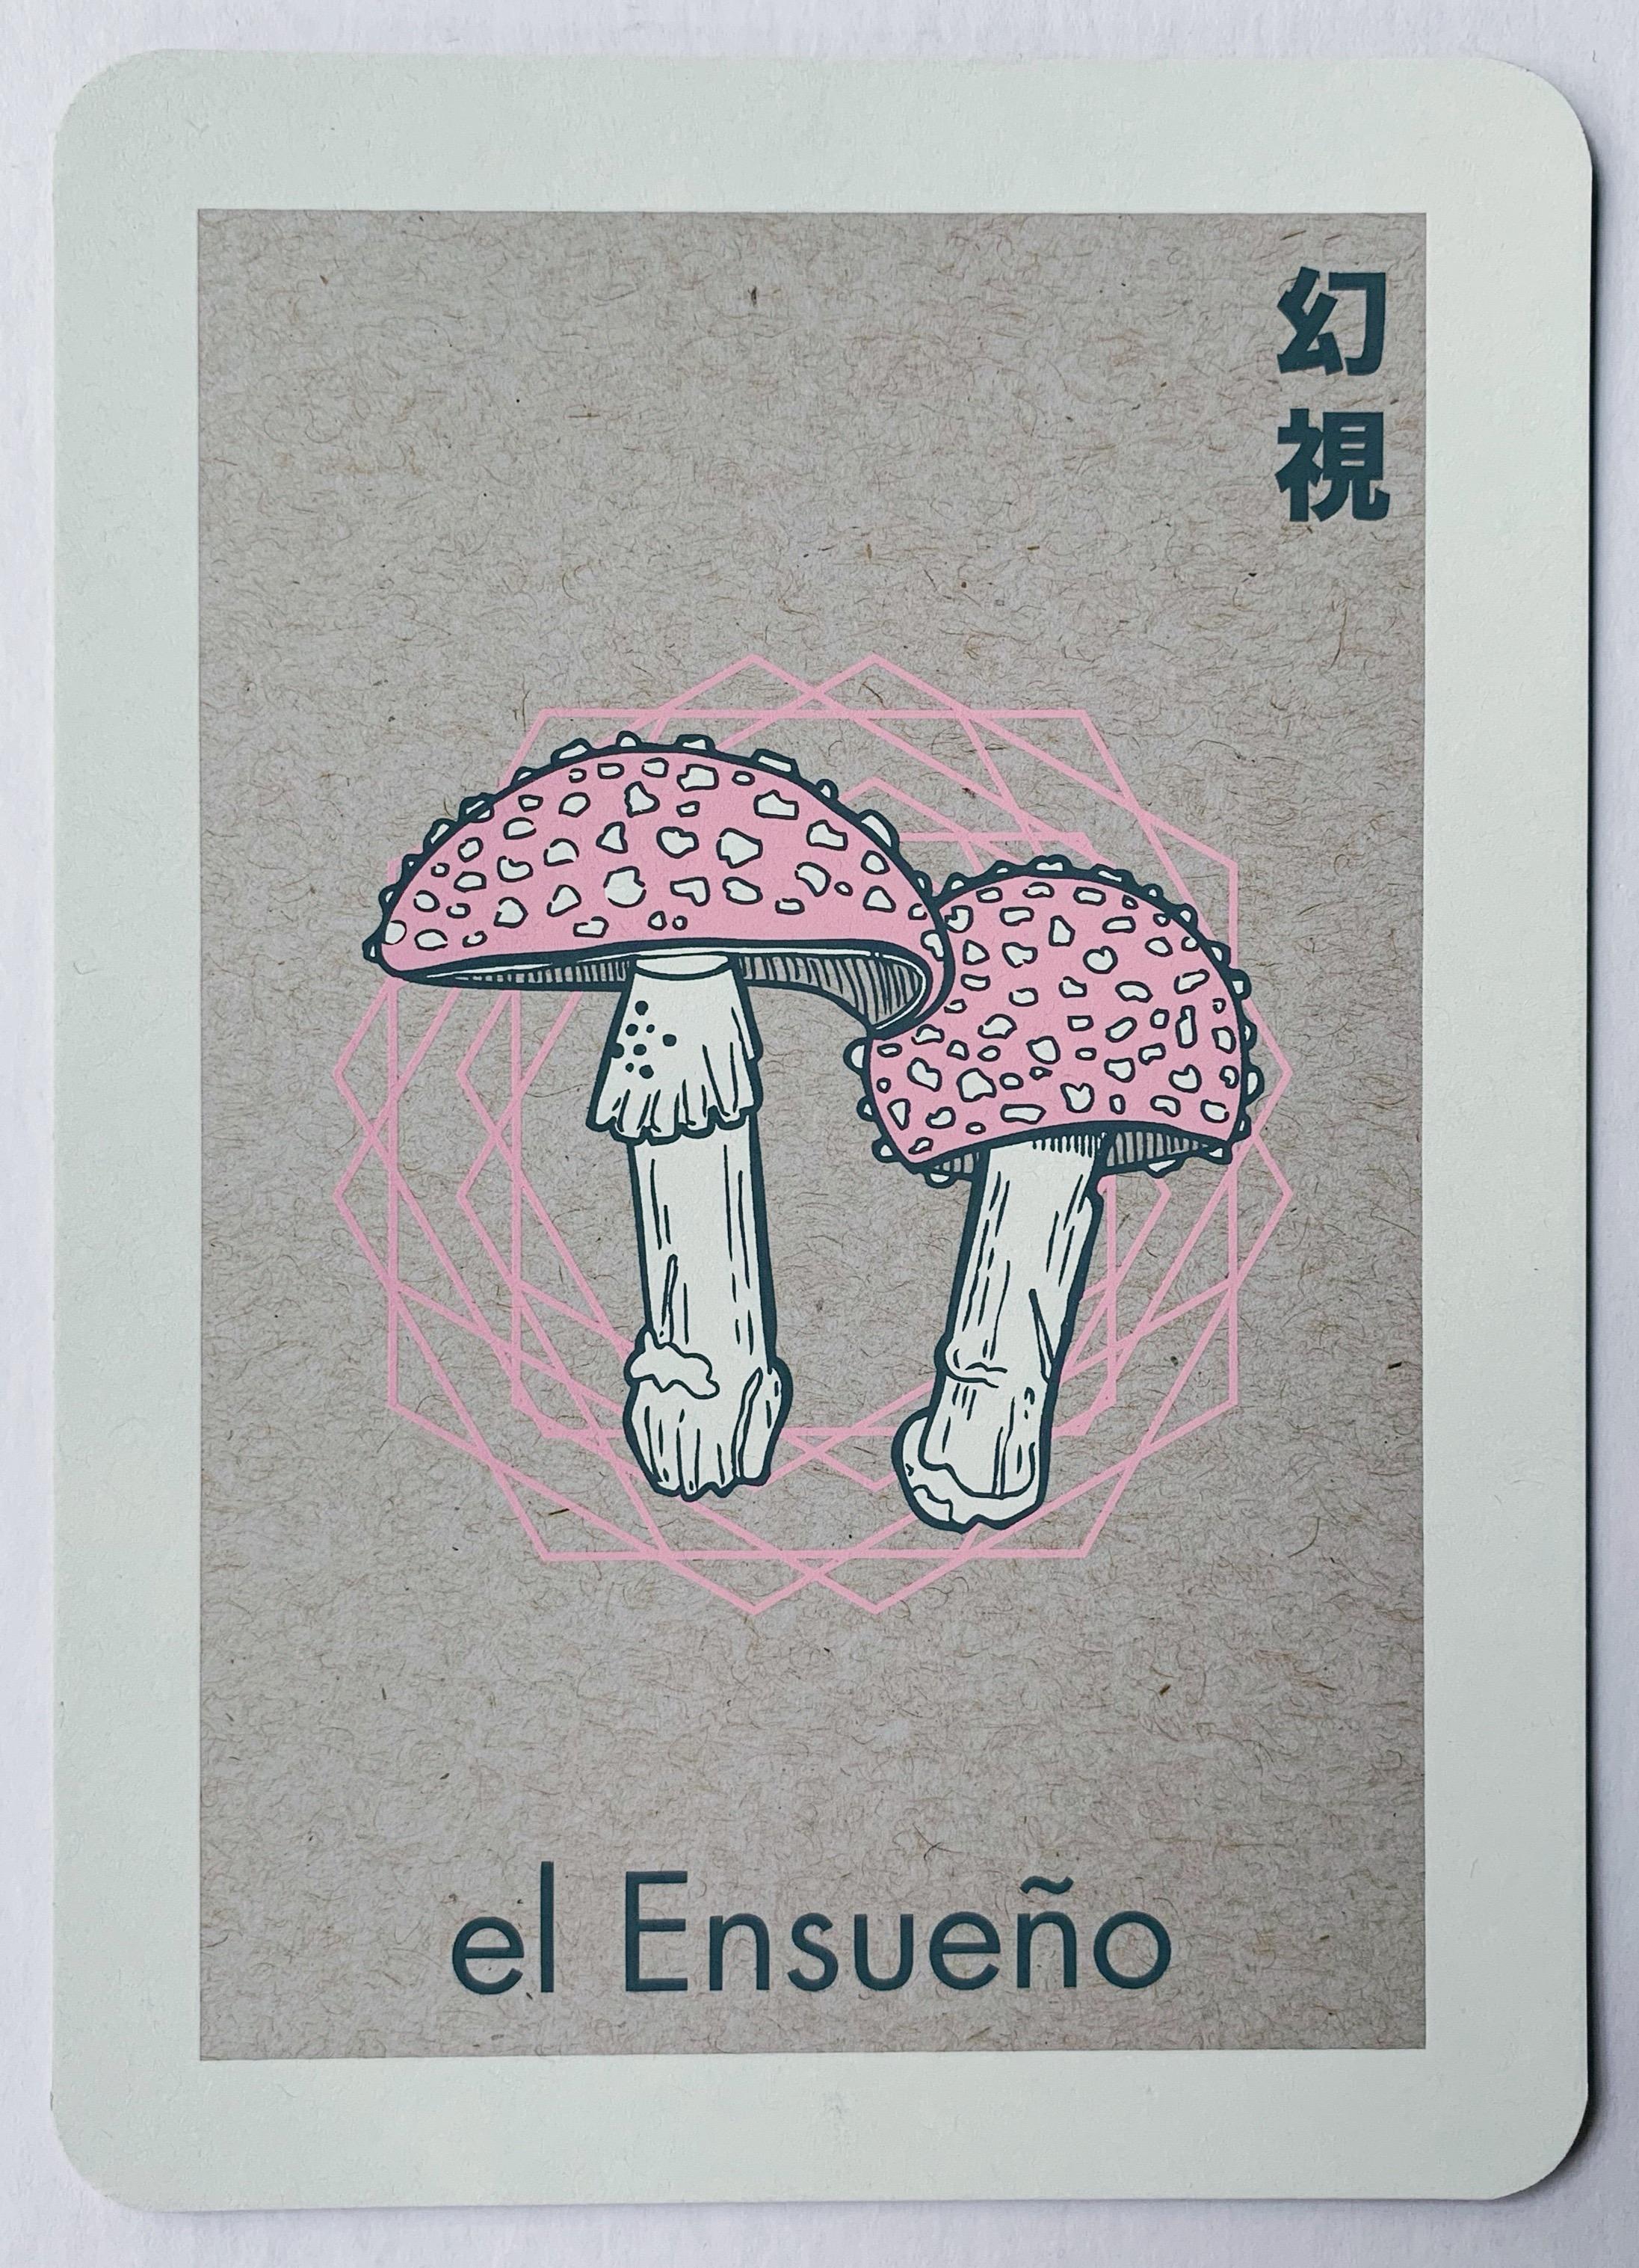 el Ensueño, serigraphy, 2017